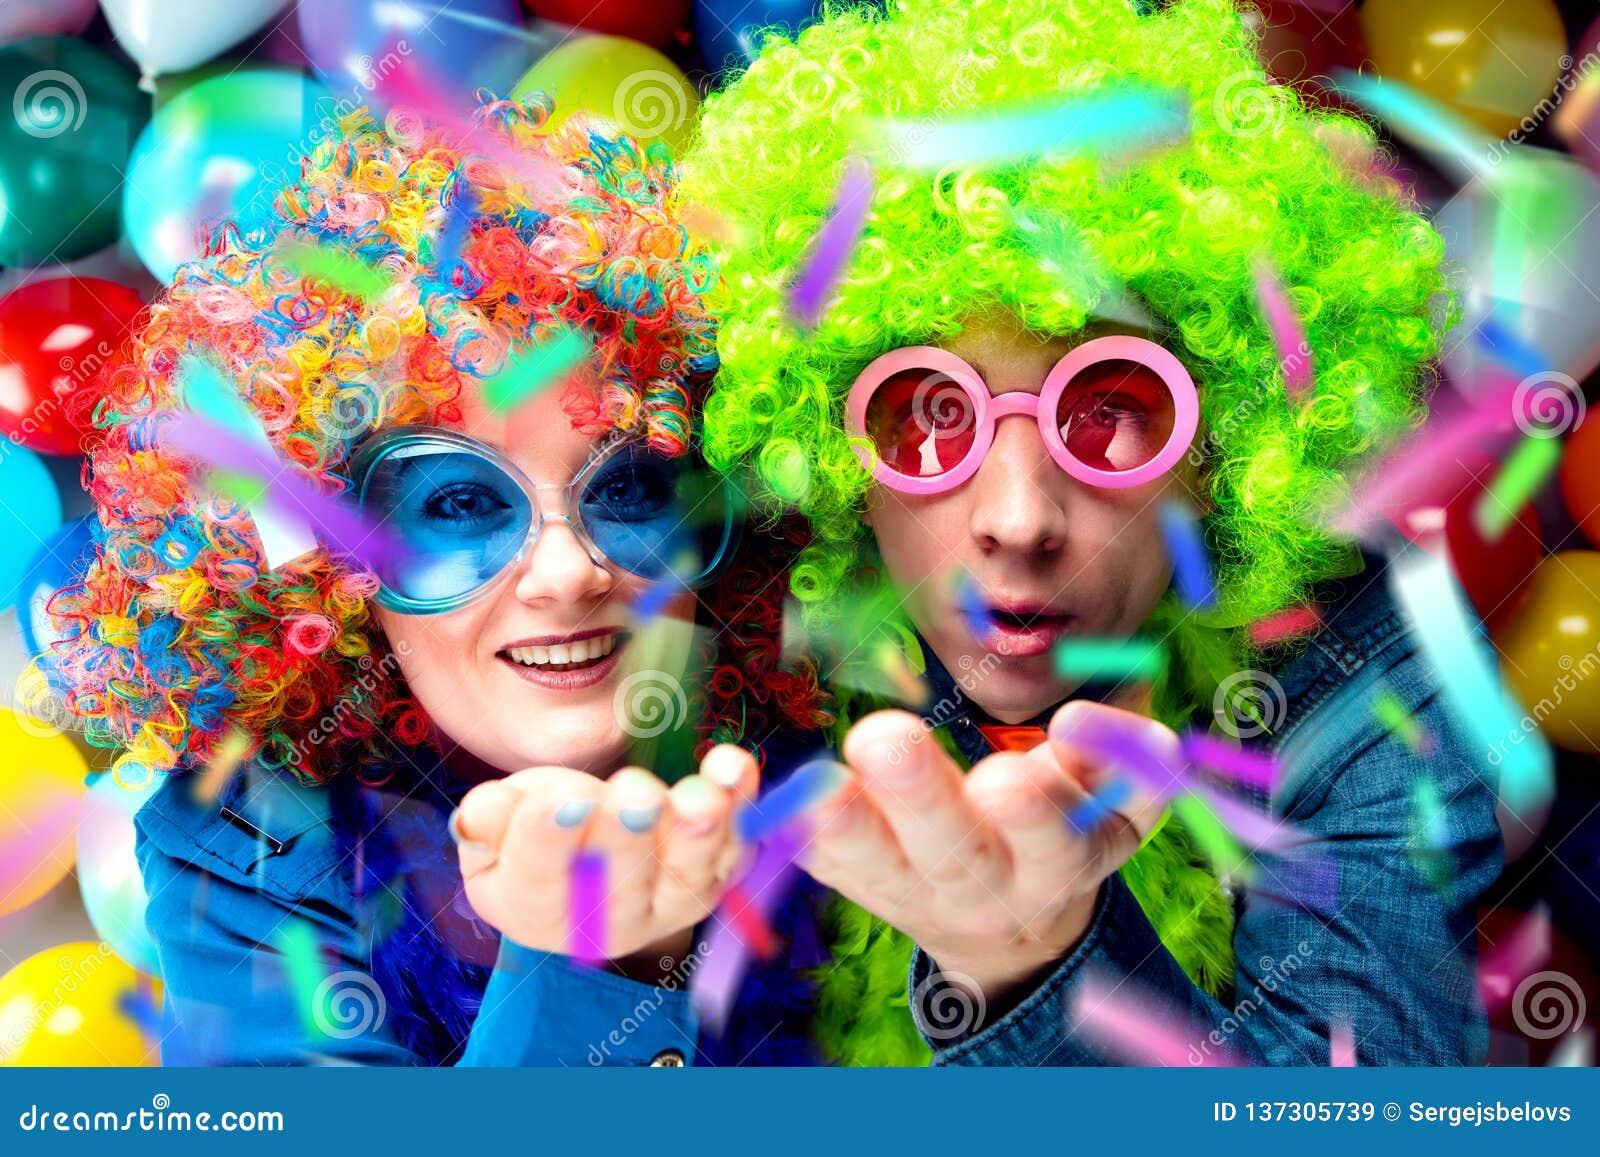 Γυναίκες και άνδρες που γιορτάζουν στο κόμμα για τη νέο παραμονή ή καρναβάλι ετών